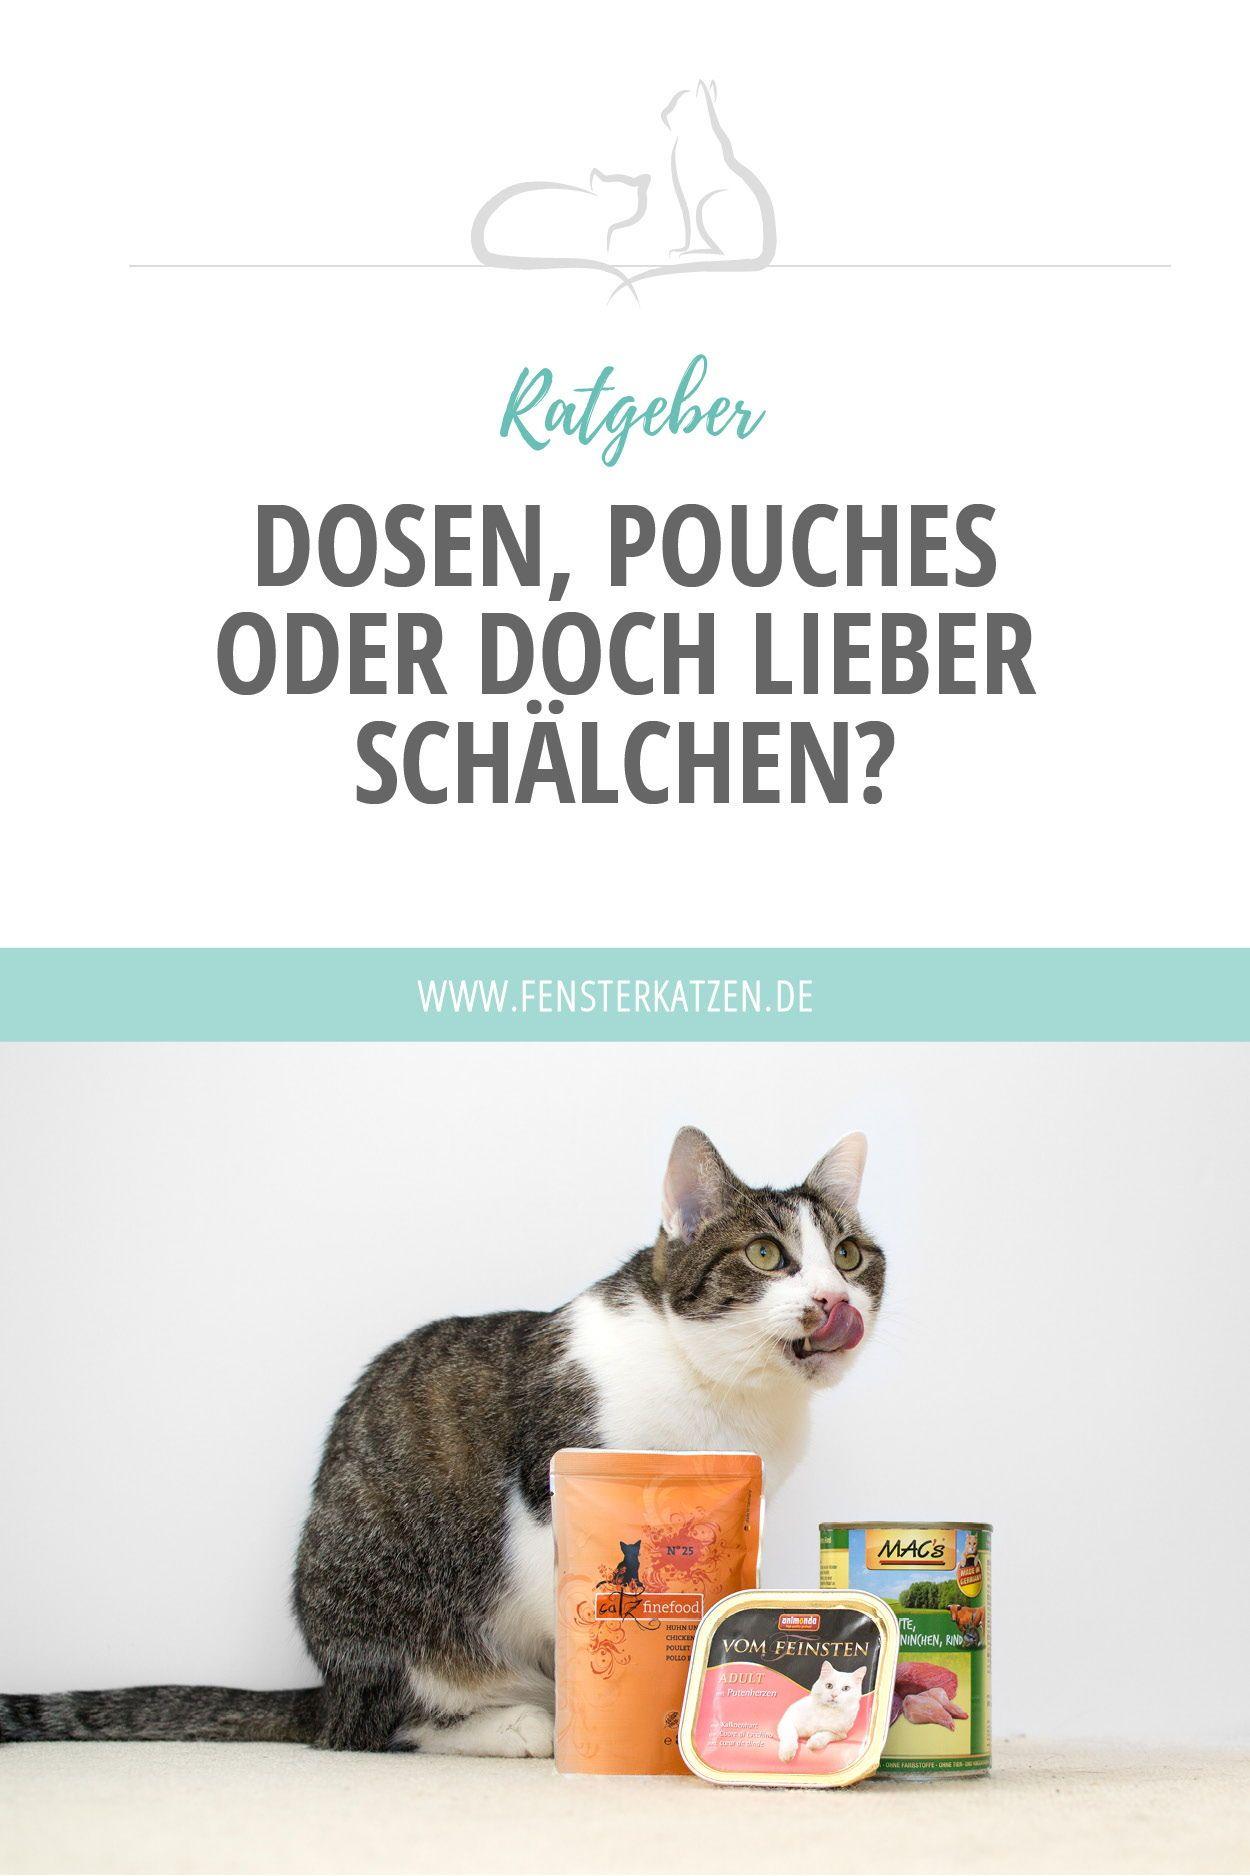 Dosen Pouches Oder Doch Lieber Schalchen Katzen Ernahrung Katzenkrankheiten Und Katzen